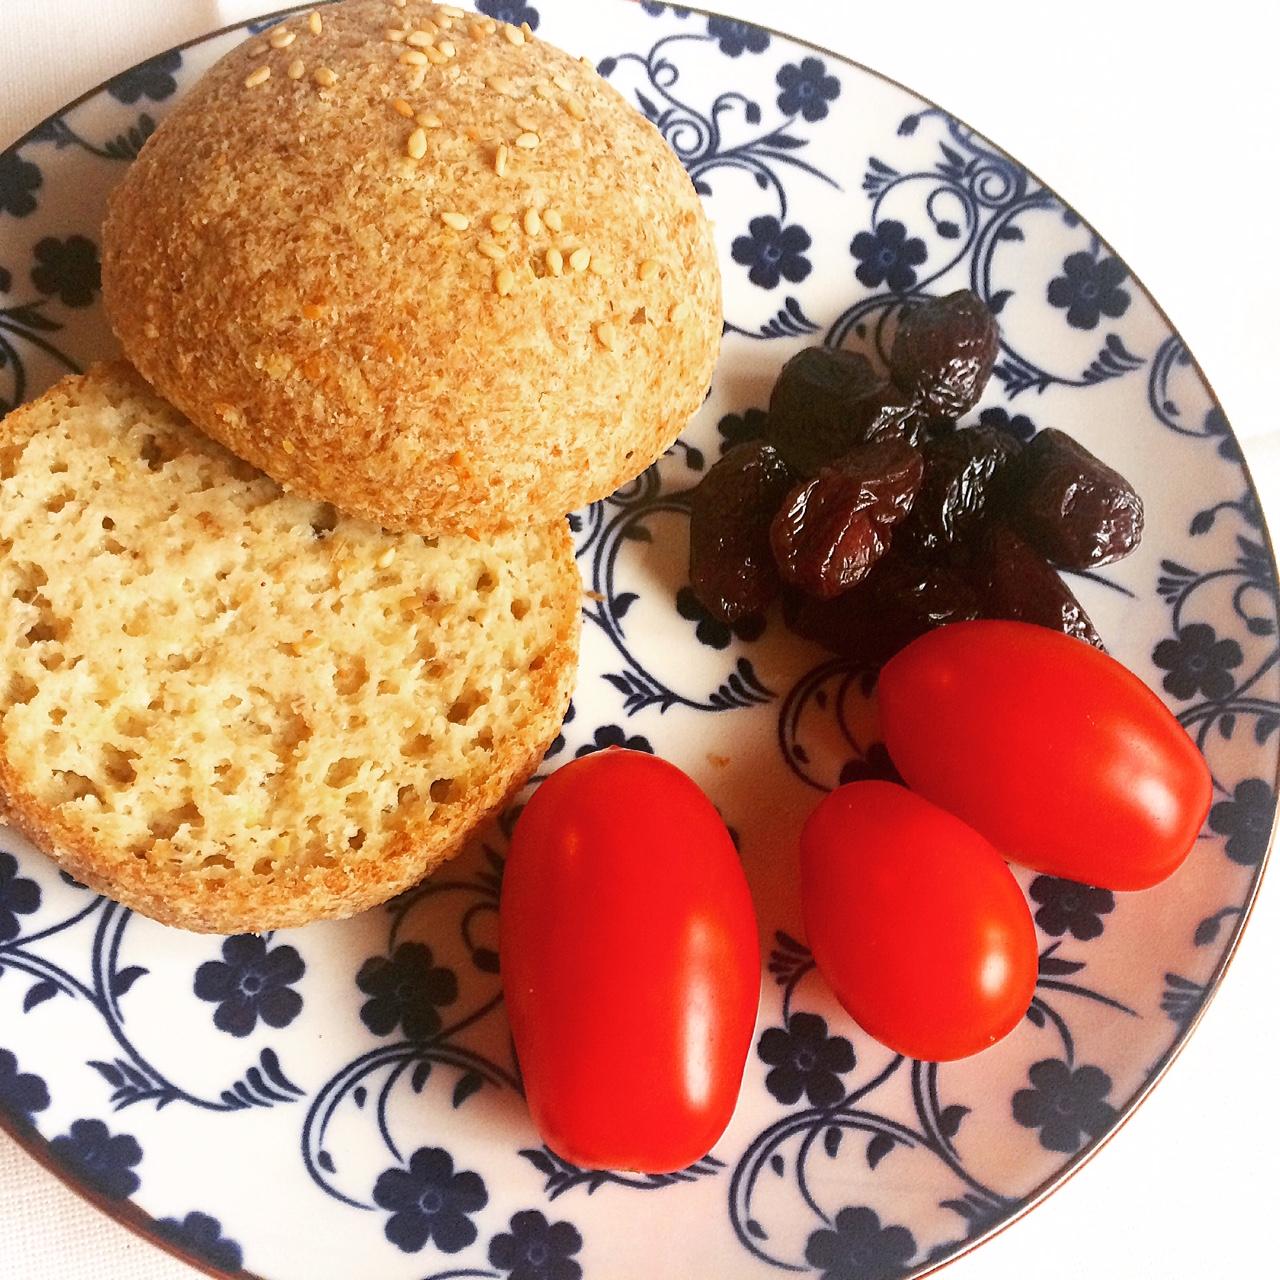 Ψωμάκια για σάντουιτς χωρίς αλεύρι (keto bread)